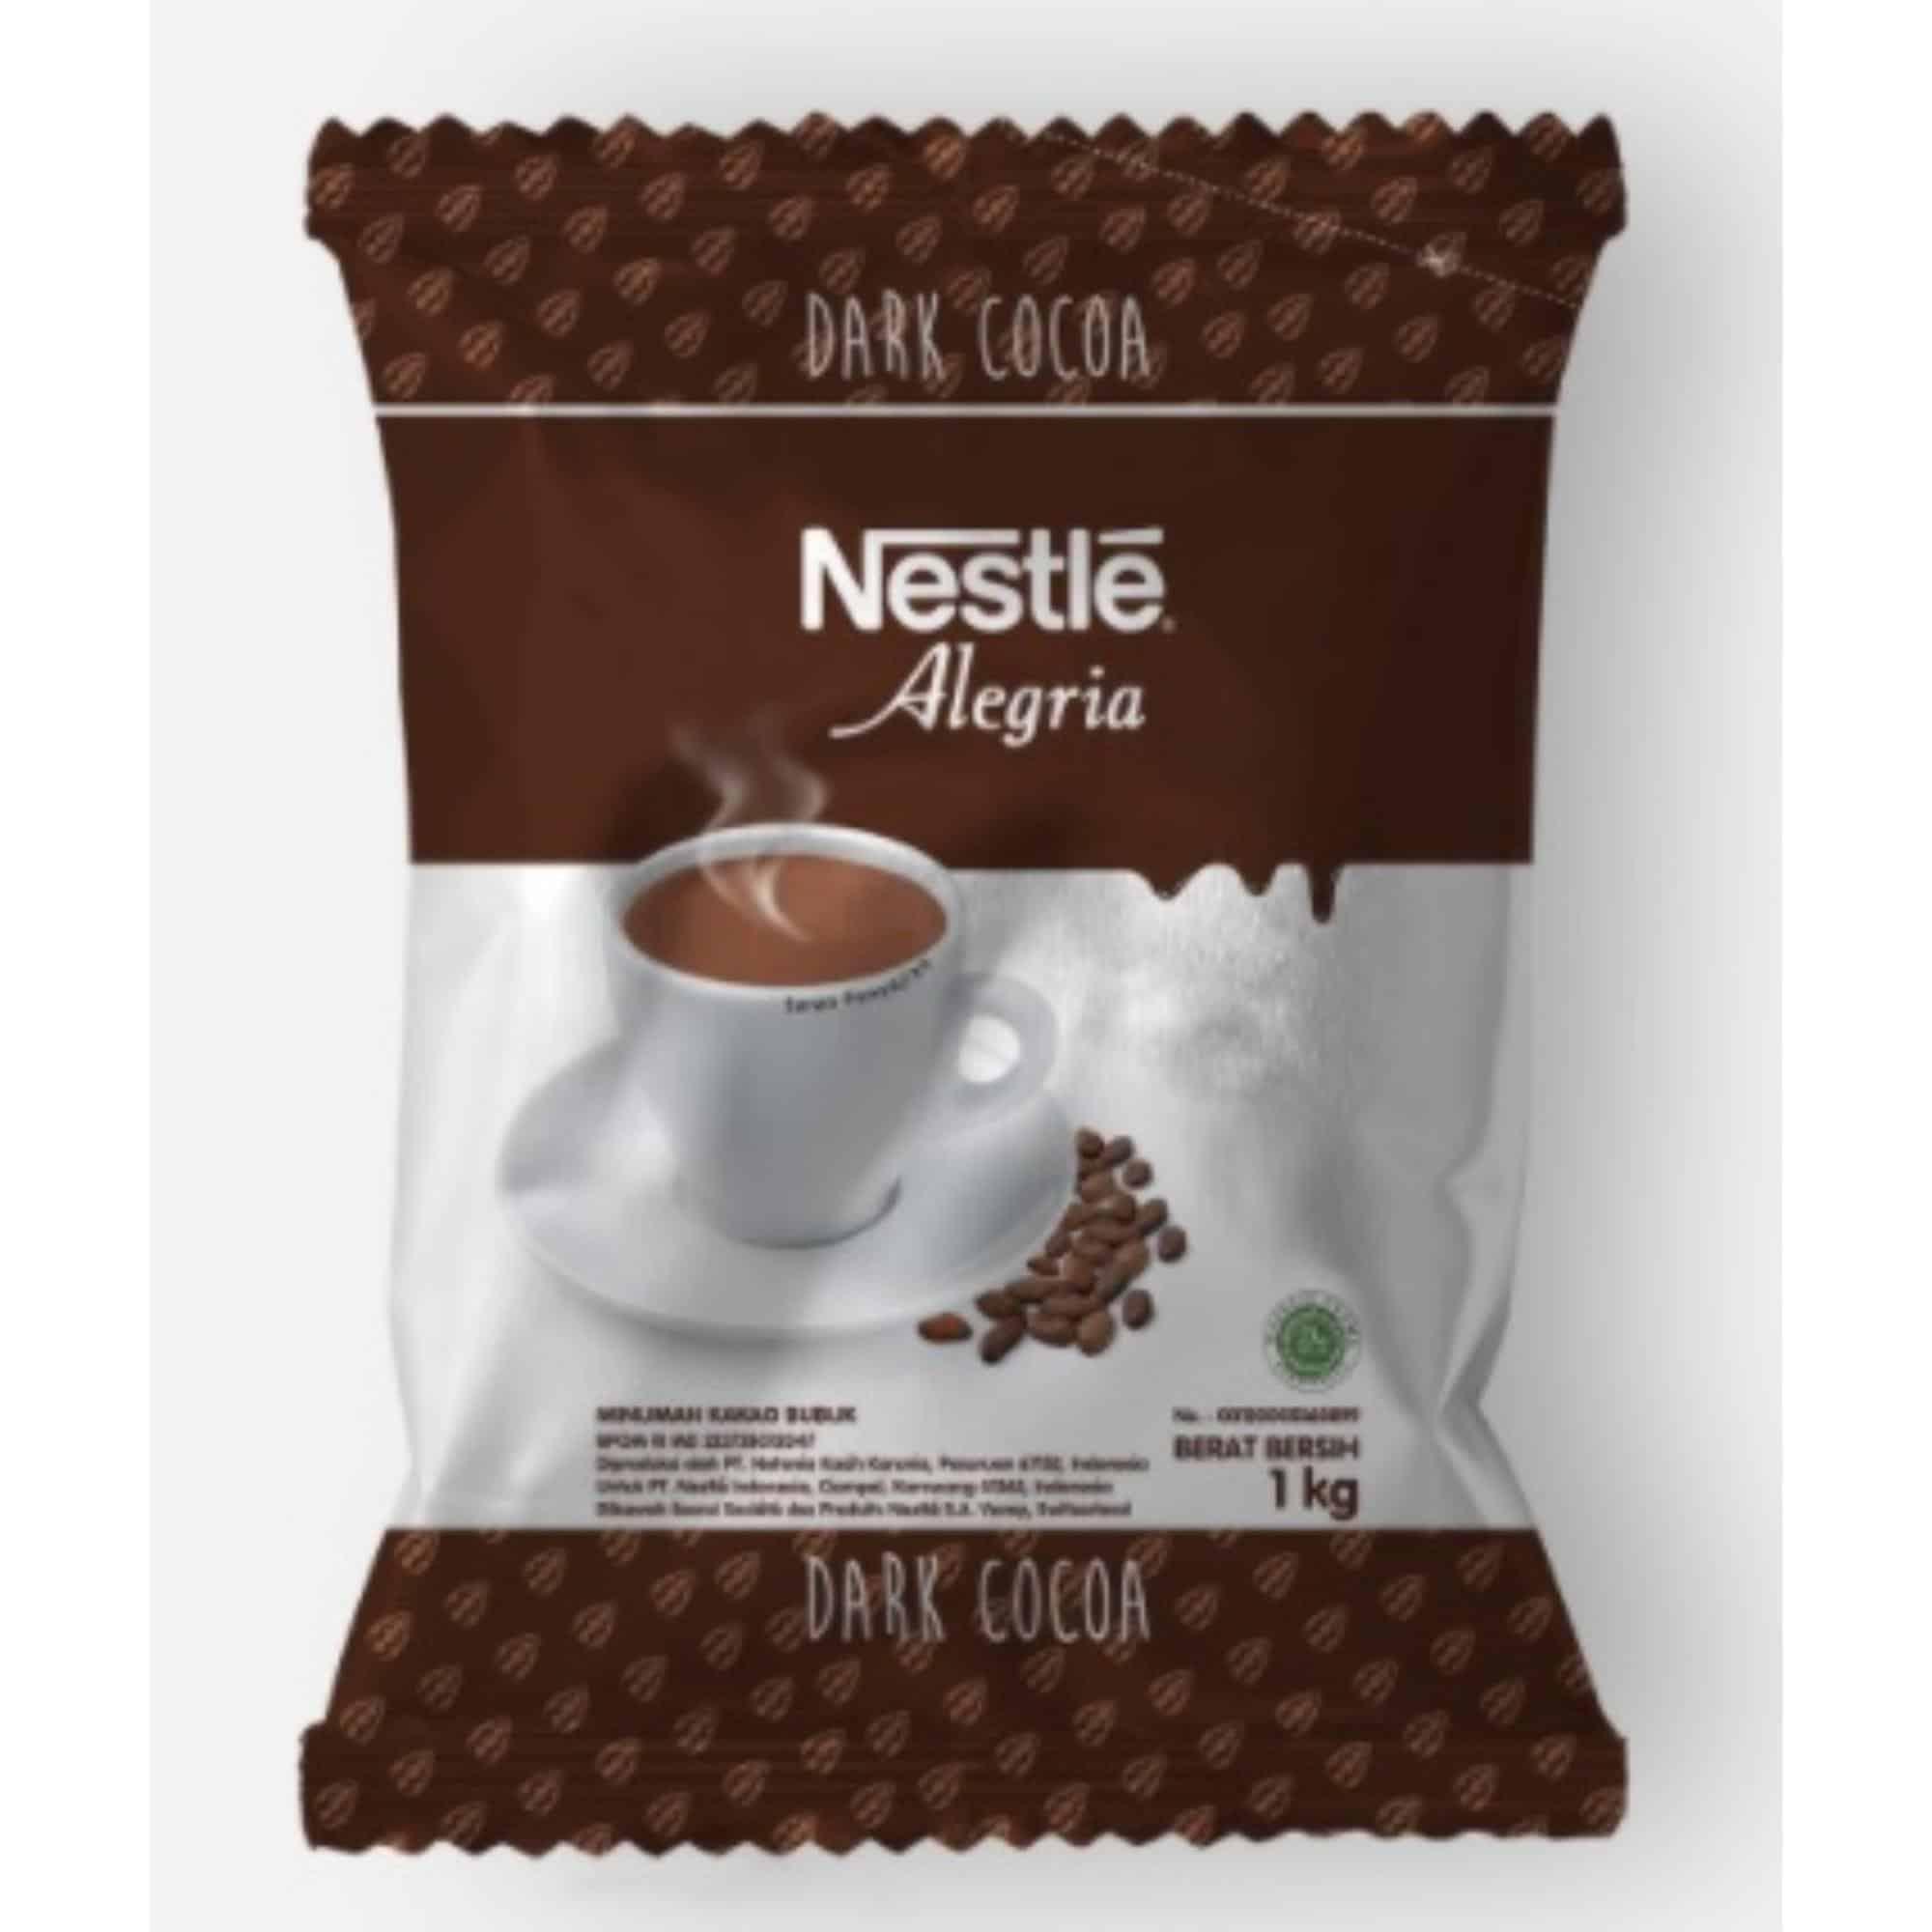 Nestle Alegria Dark Cocoa